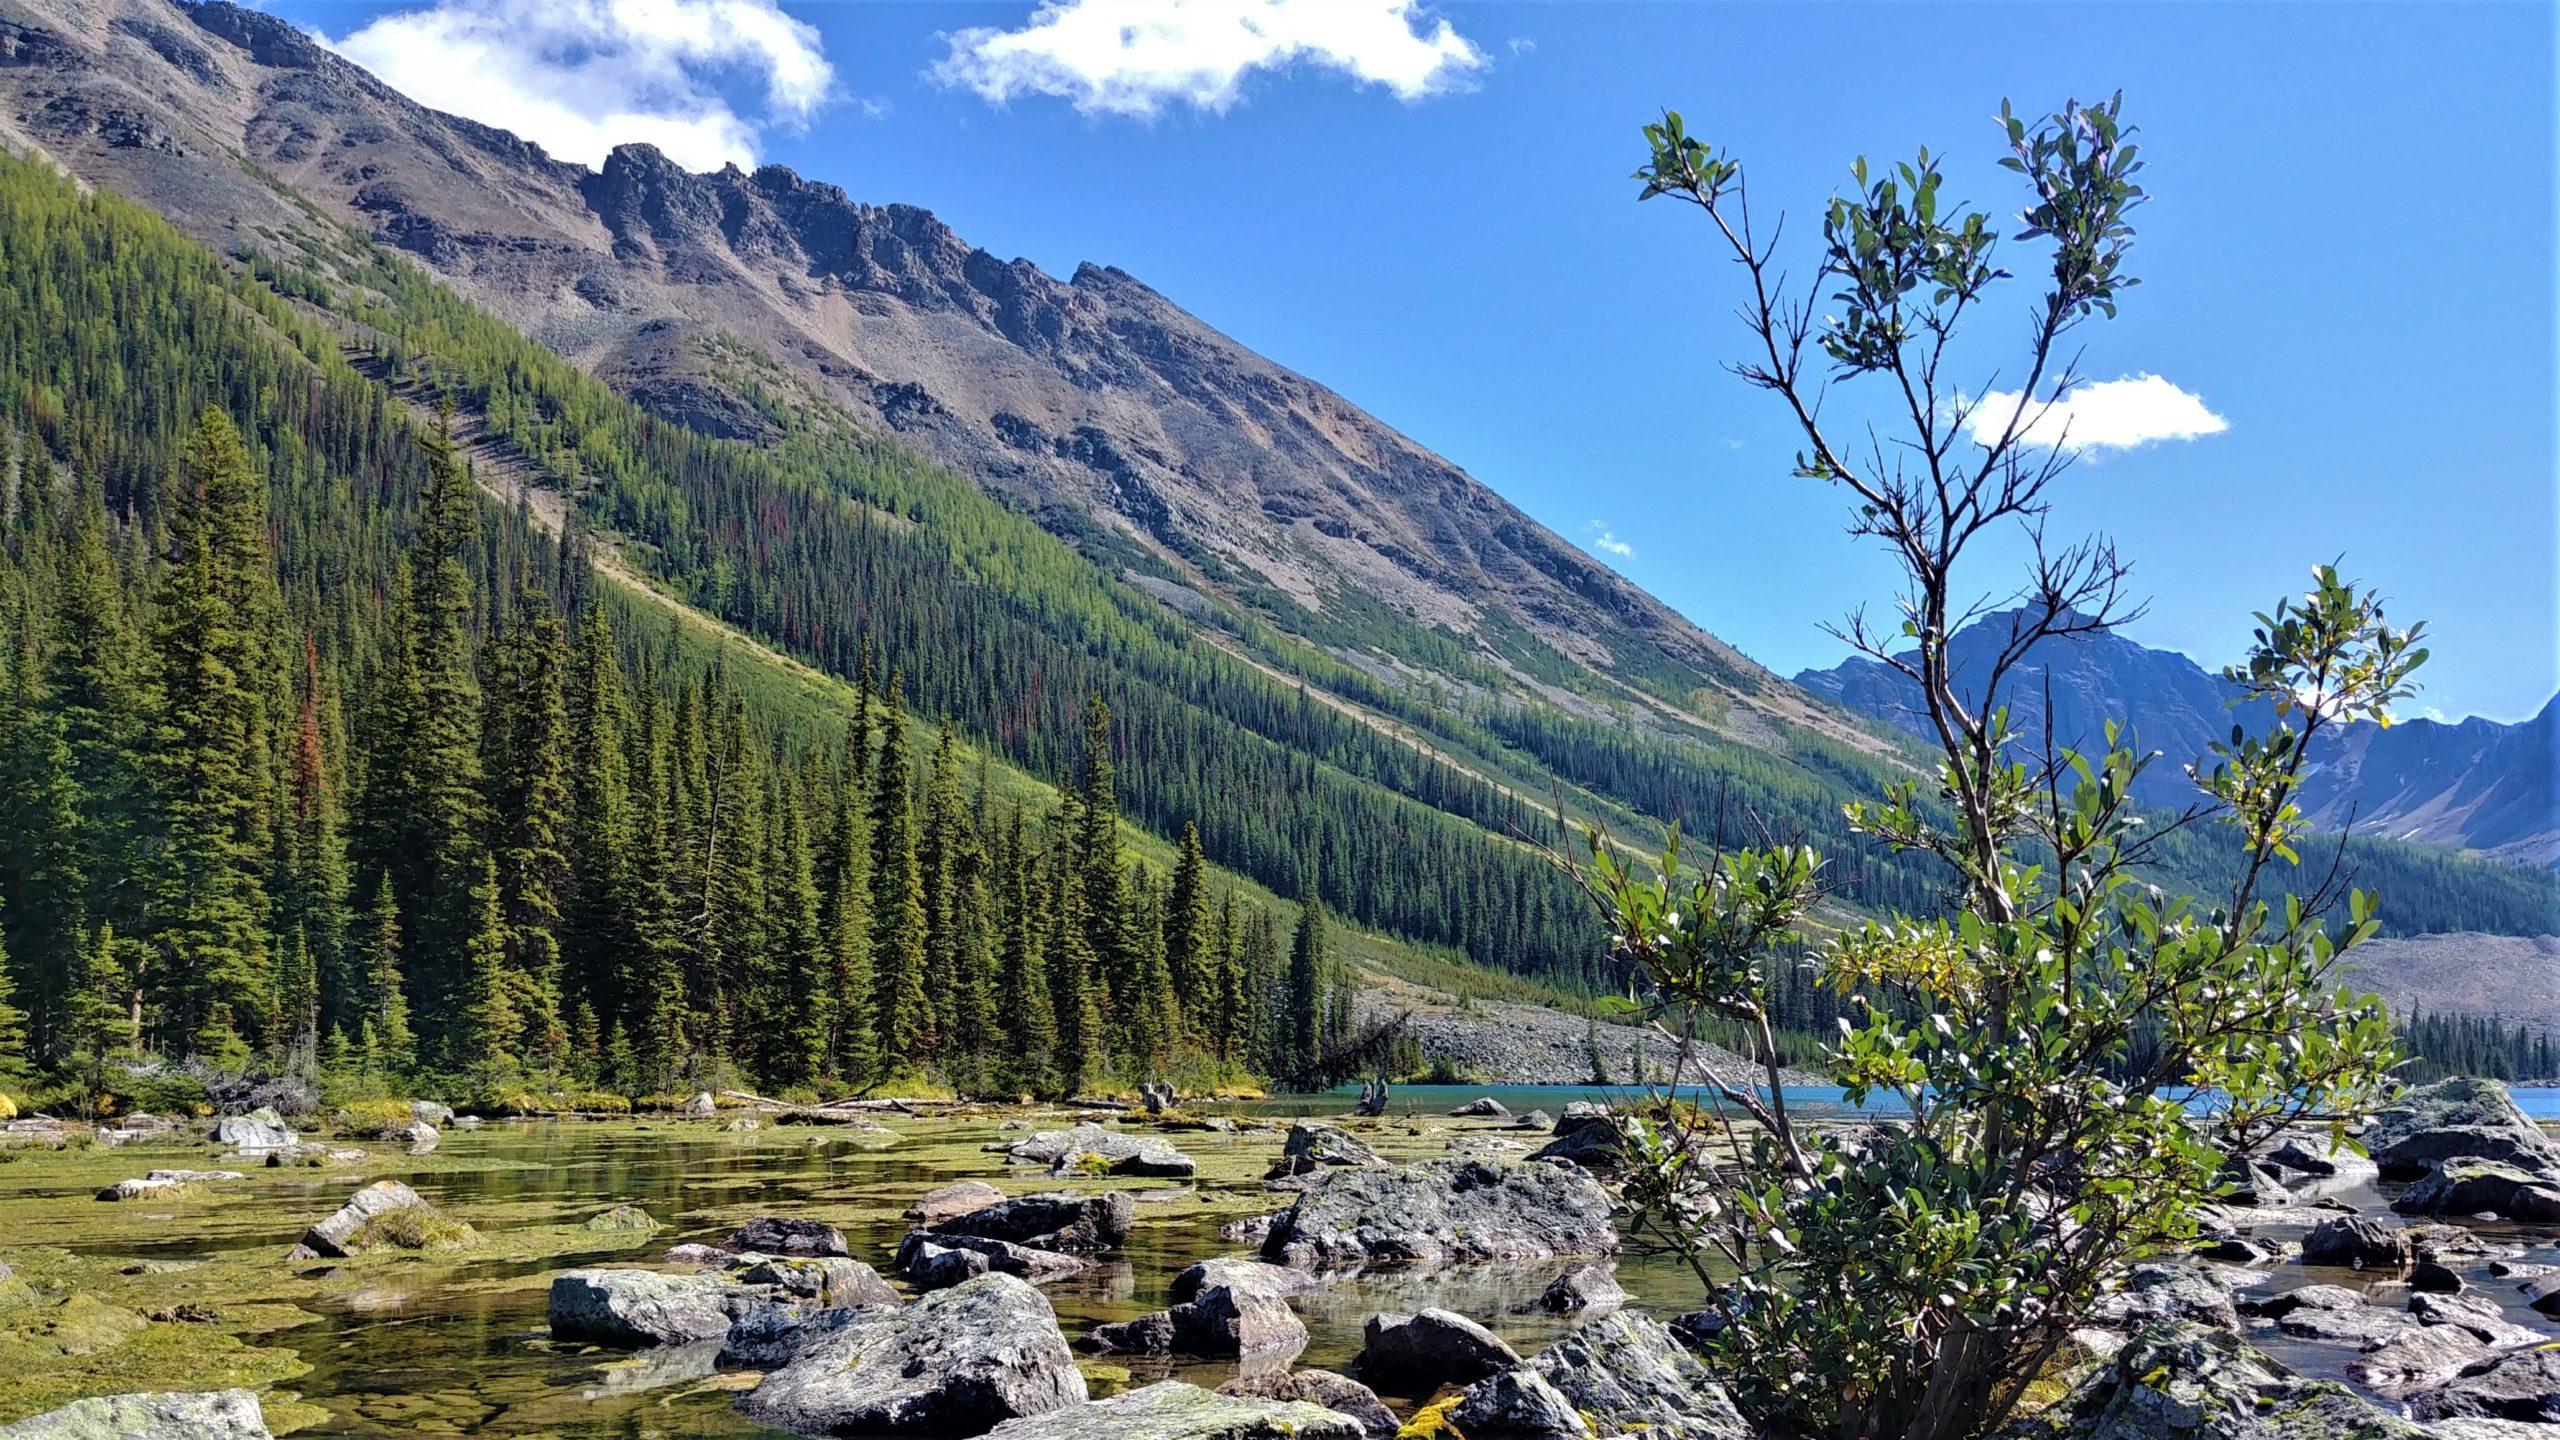 Randonnée Lacs de la consolation Lac Moraine parc national de Banff Canada